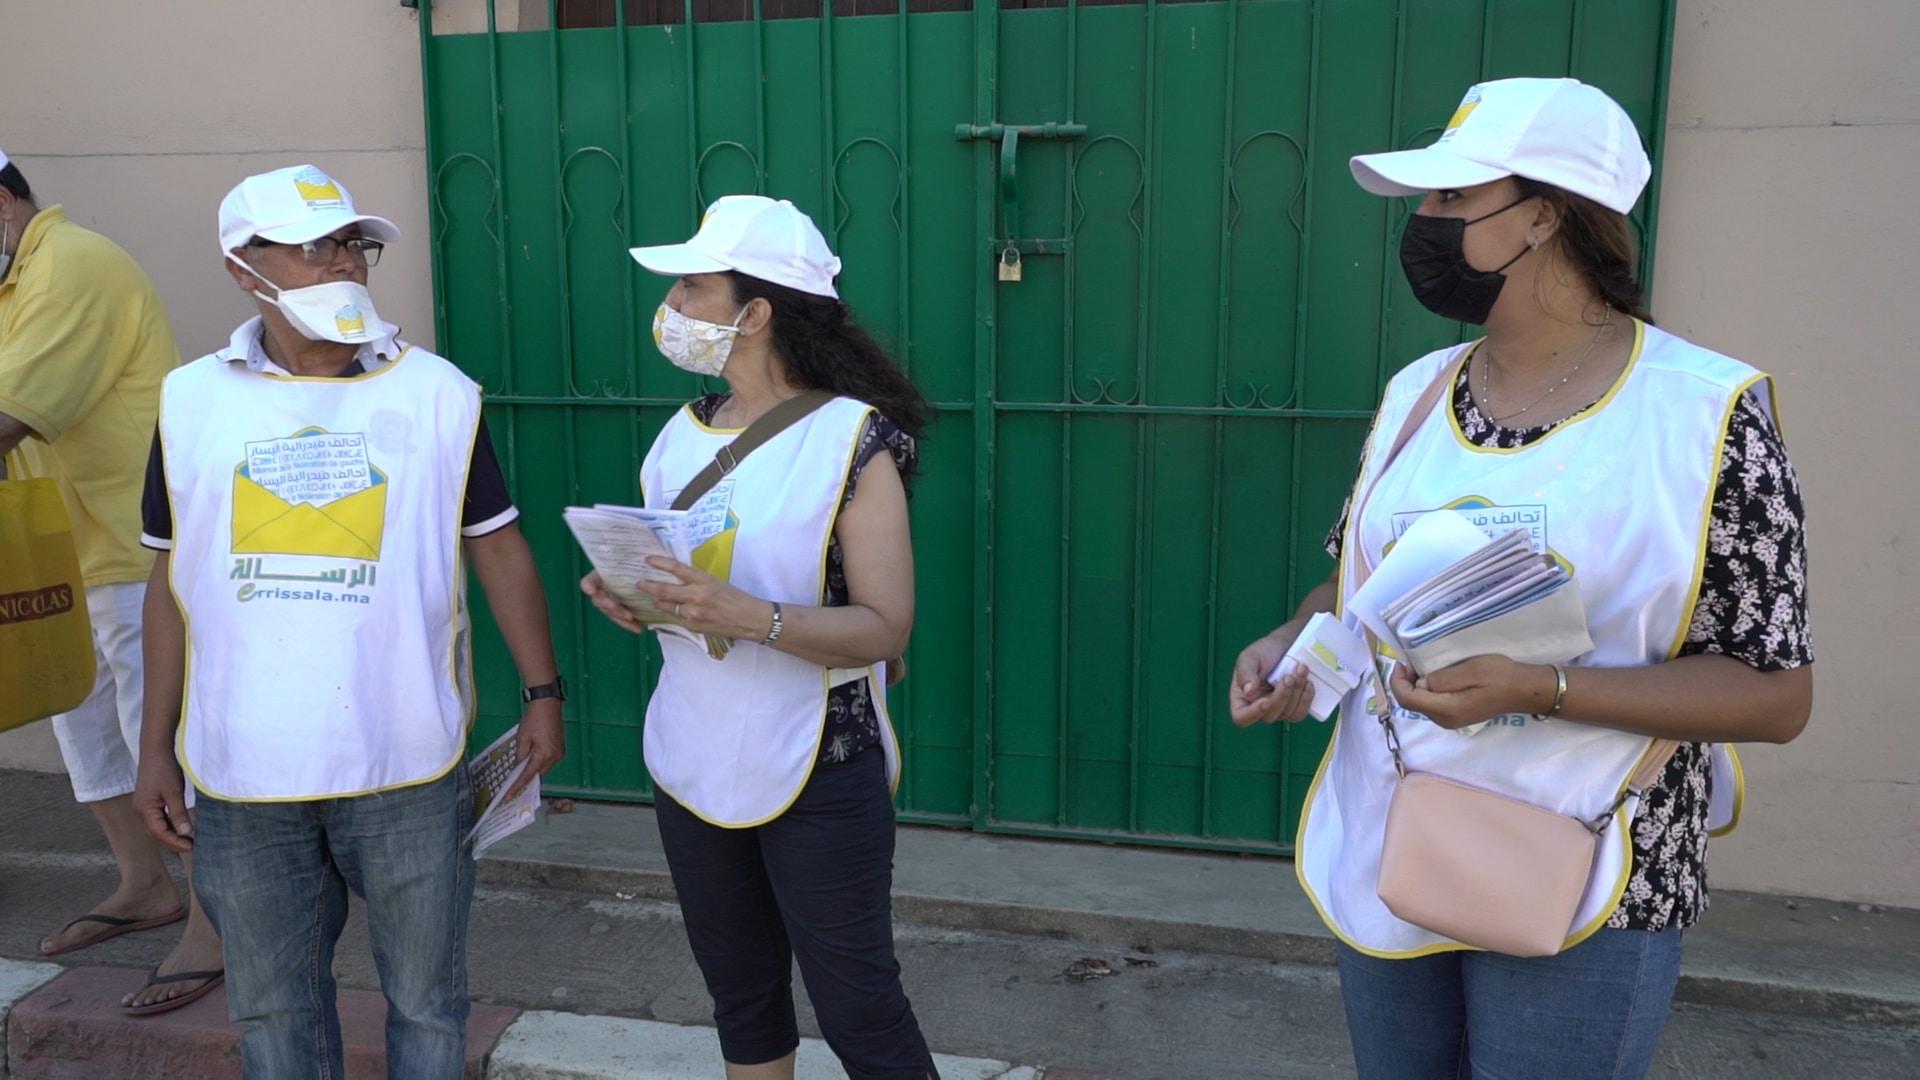 رشاوى مالية لاستقطاب الناخبين في انتخابات المغرب تثير انتقادات واسعة